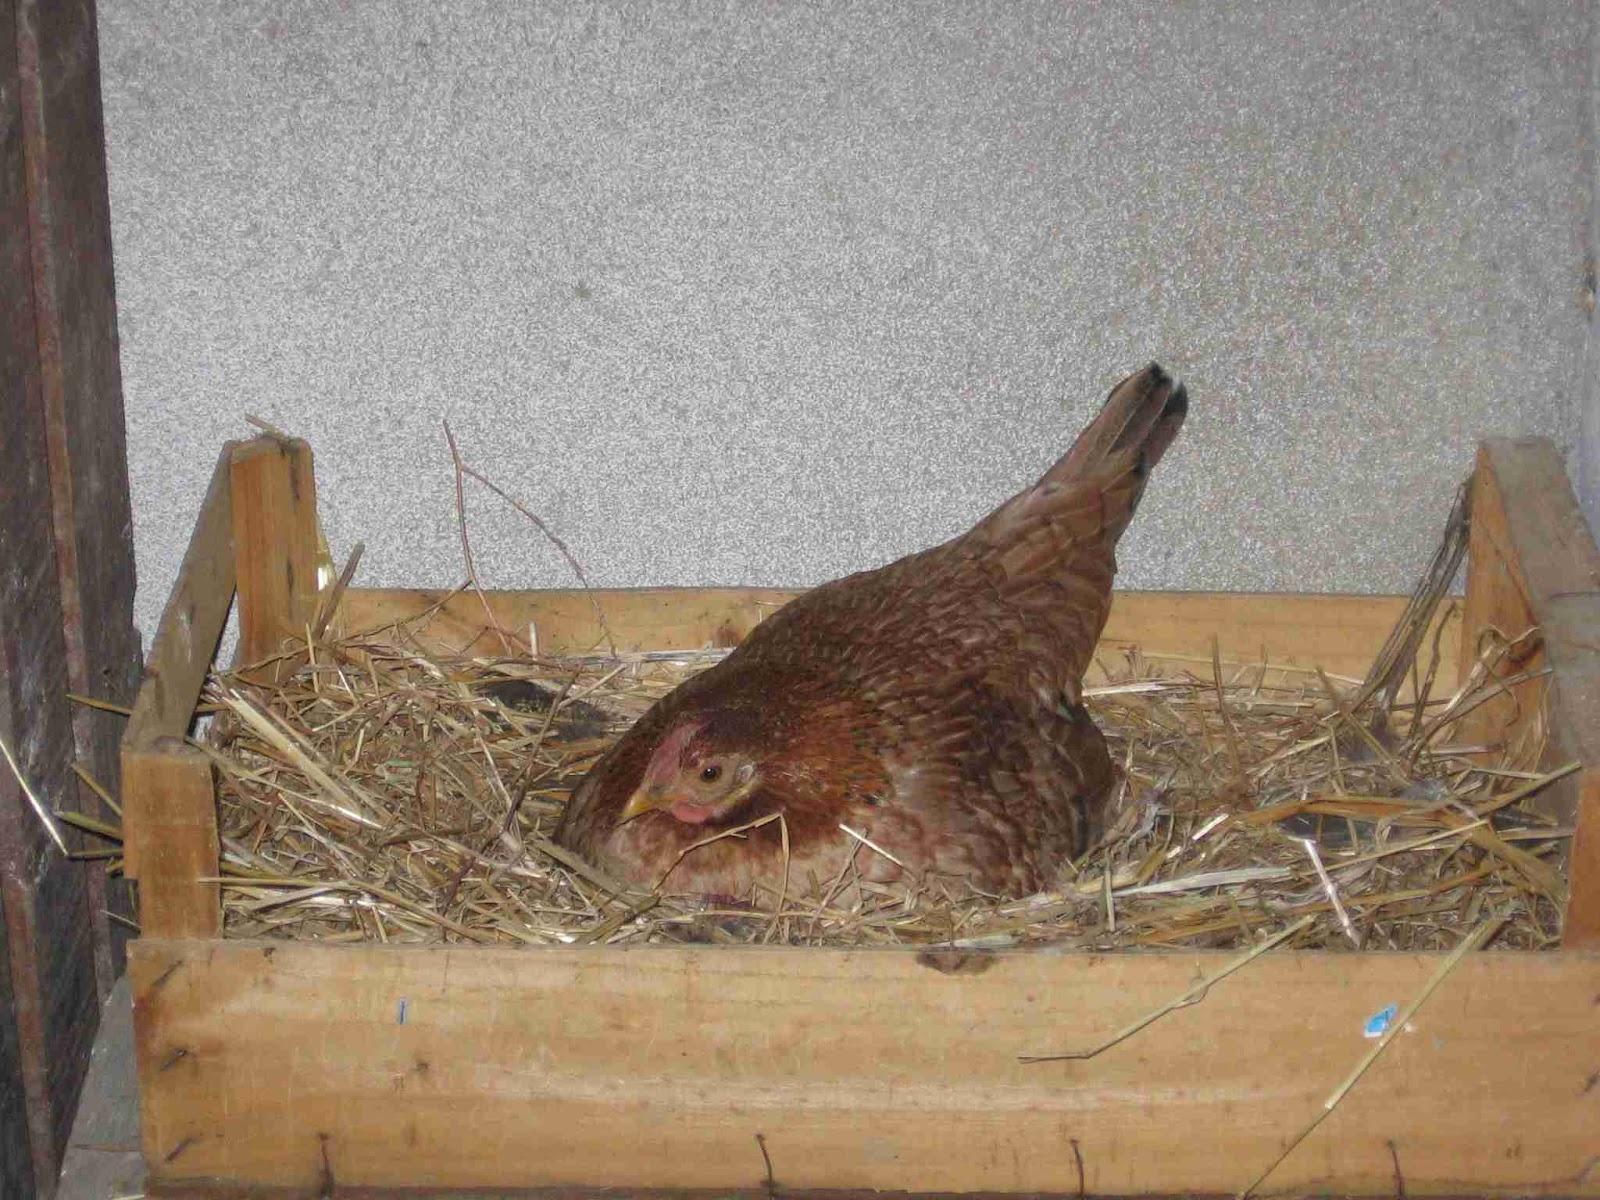 galhos bugalhos galinhas chocas